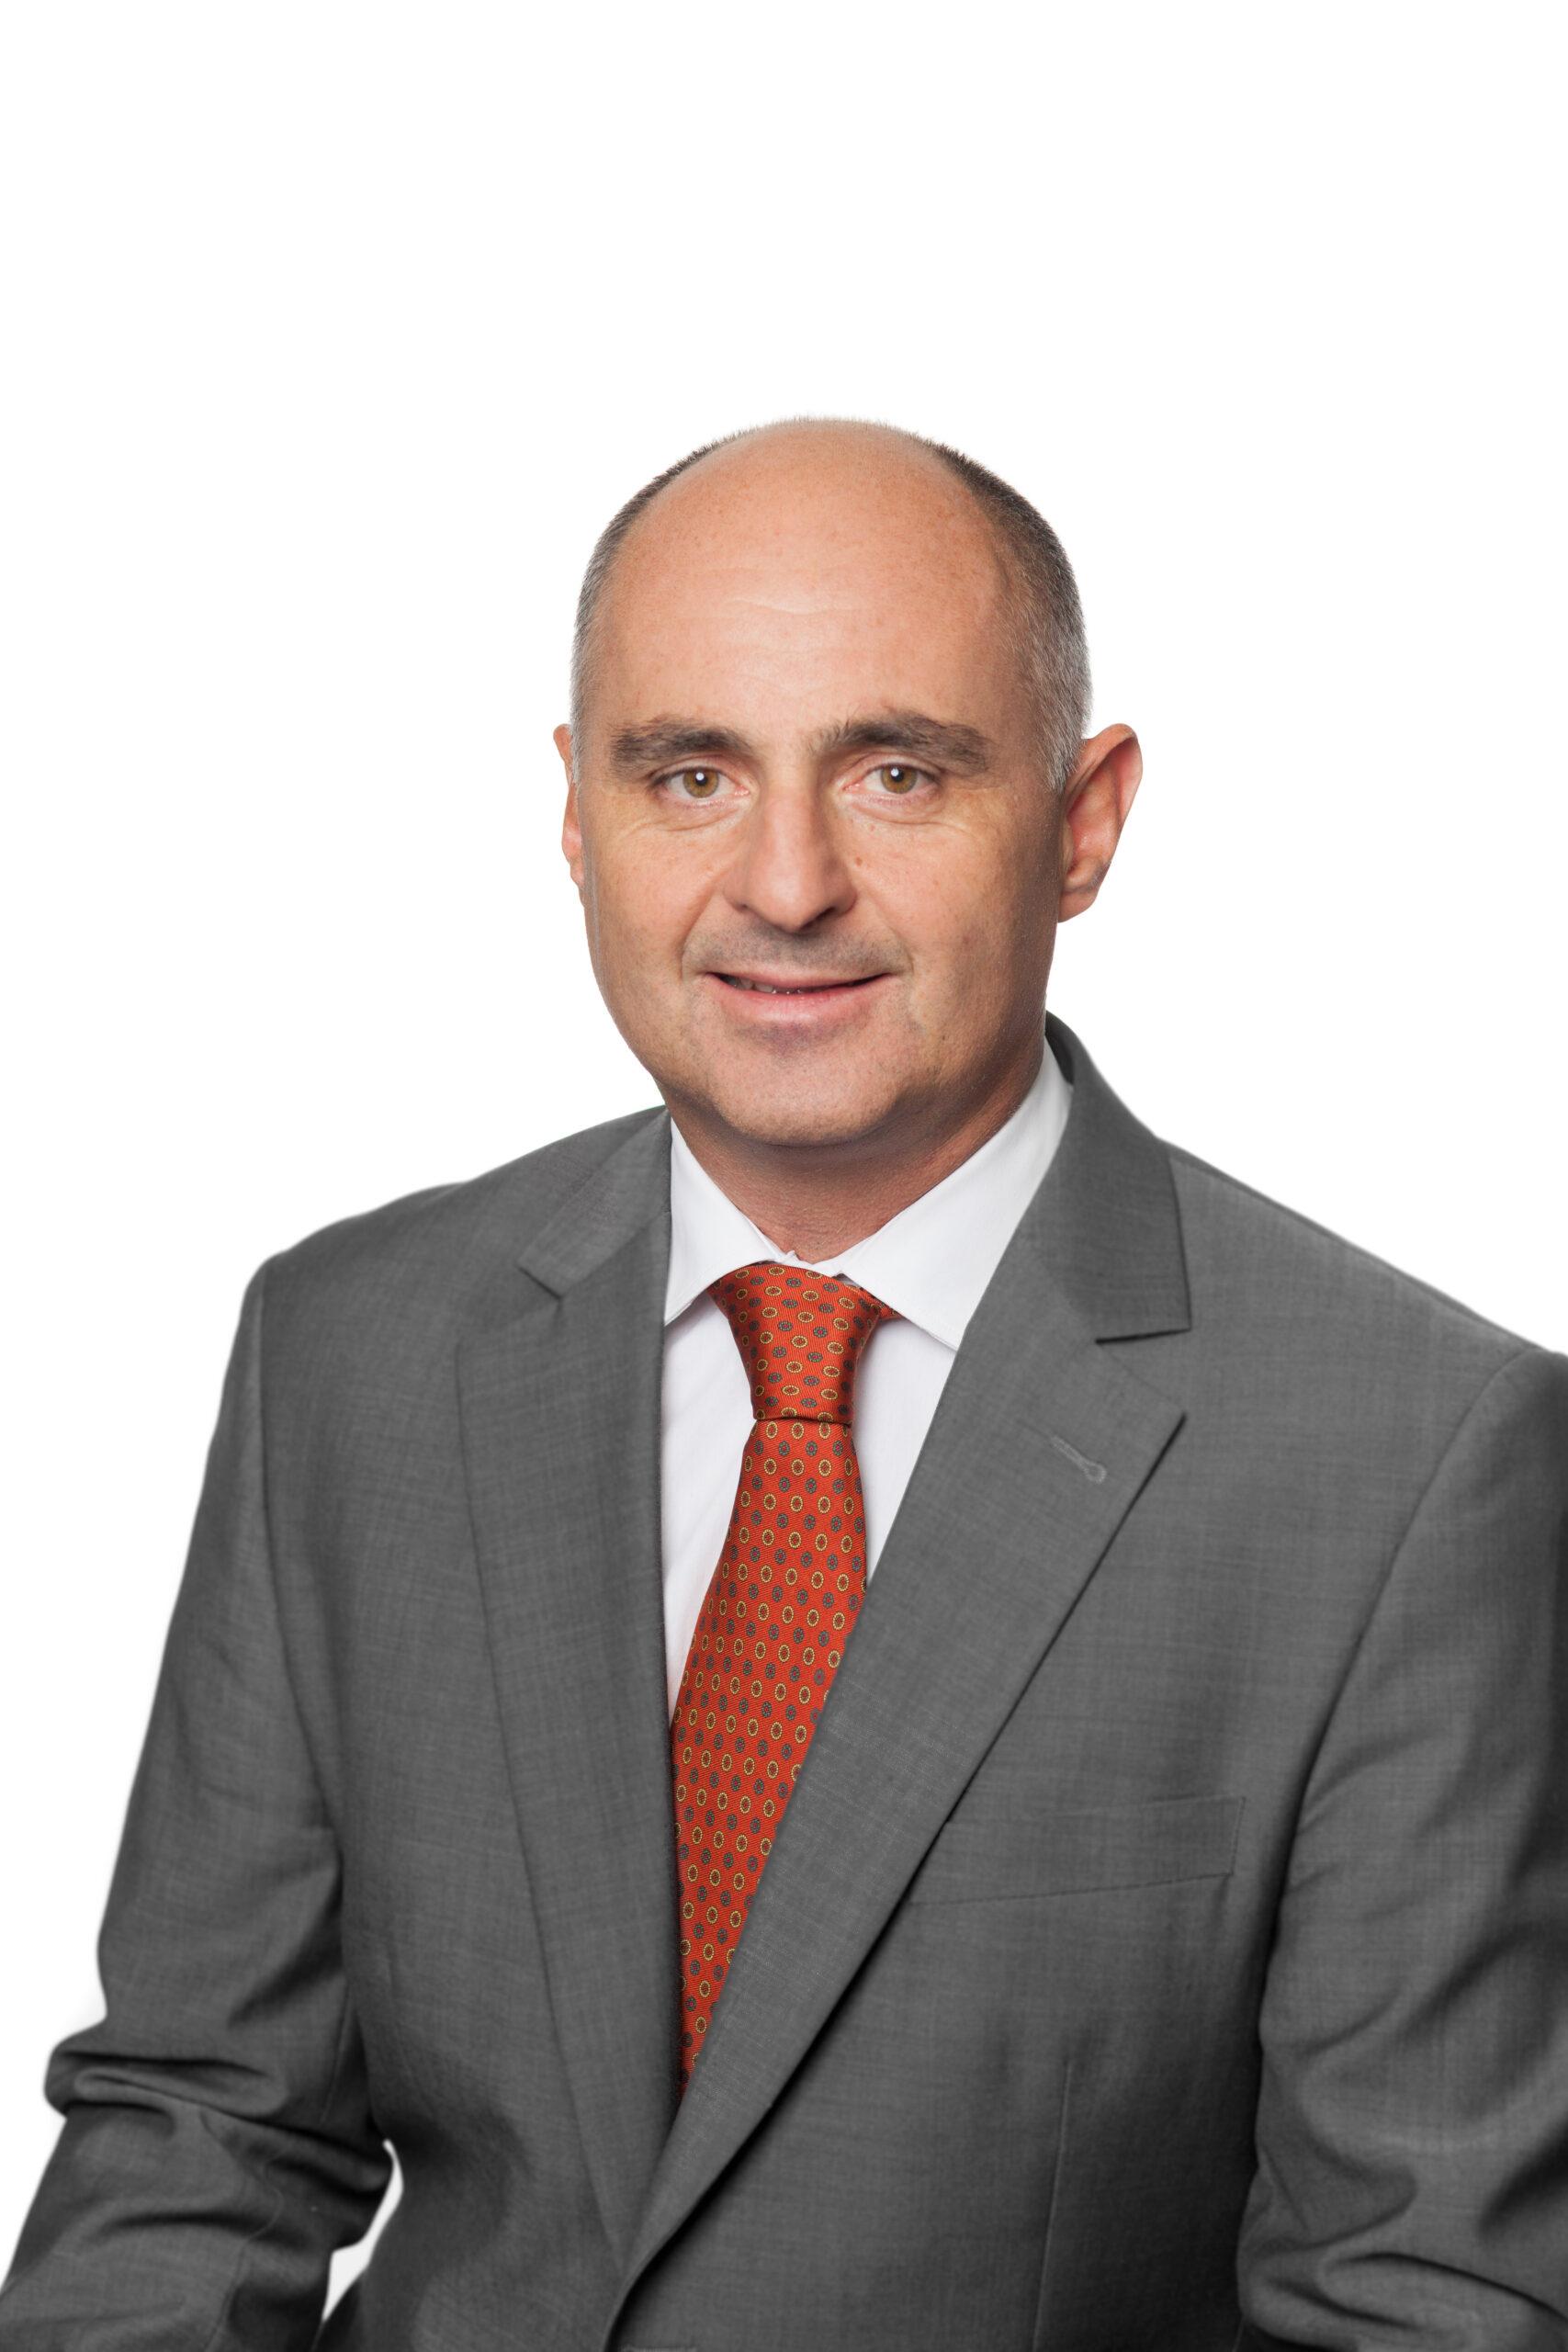 Robert Putz